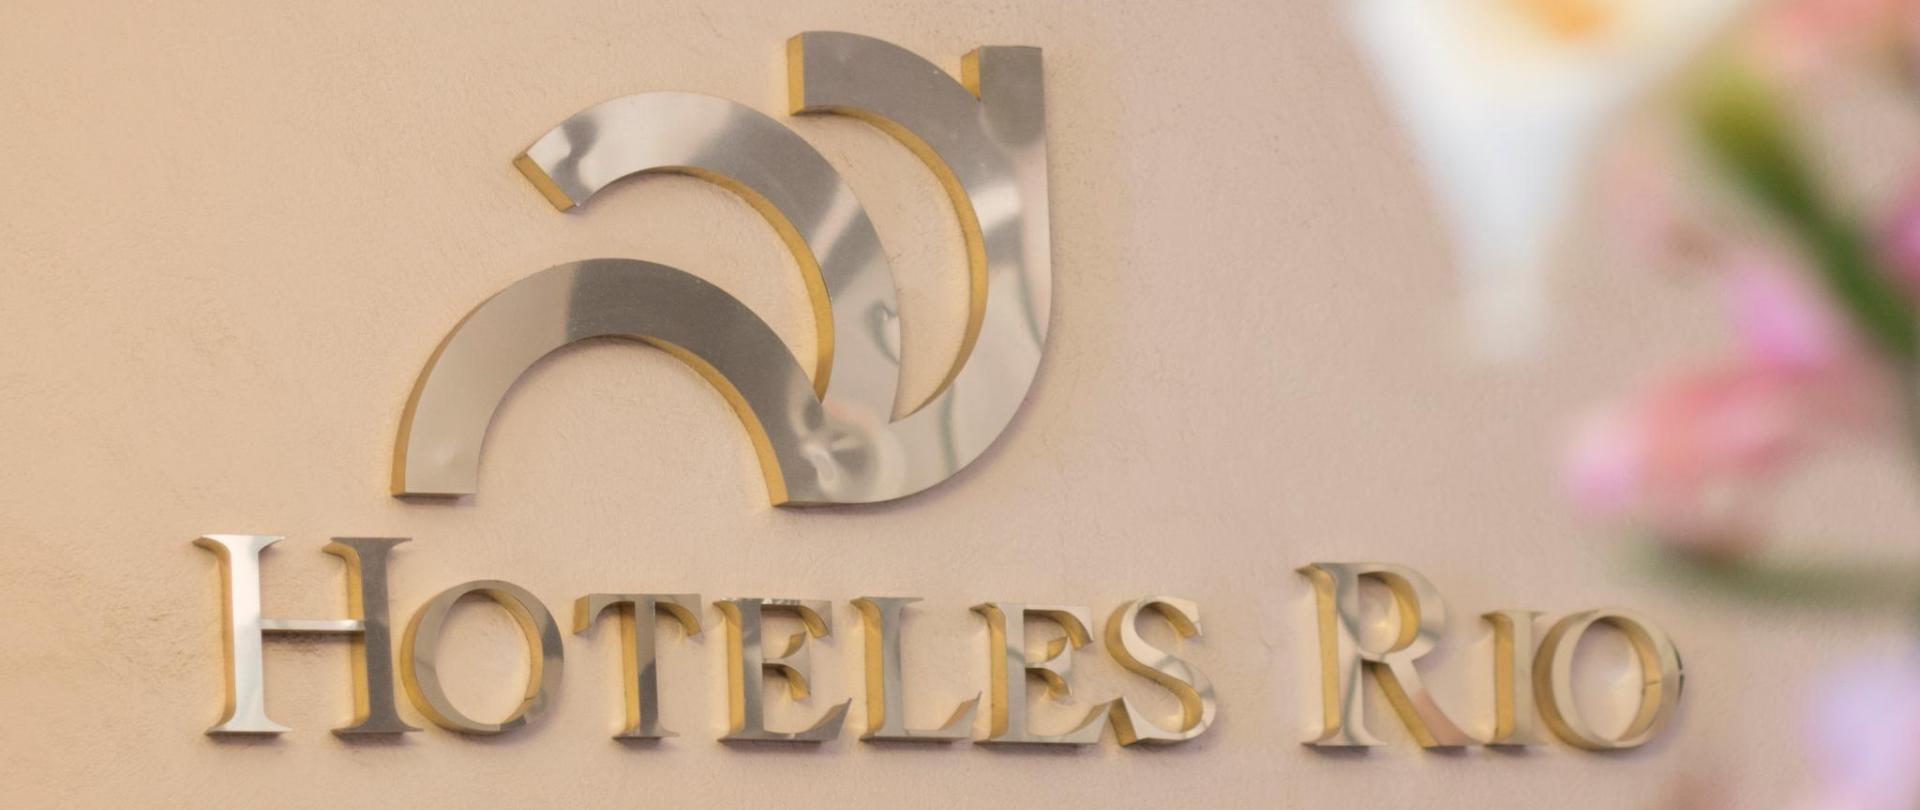 Hotel Rio Queretaro Recepcion y Lobby (2).JPG